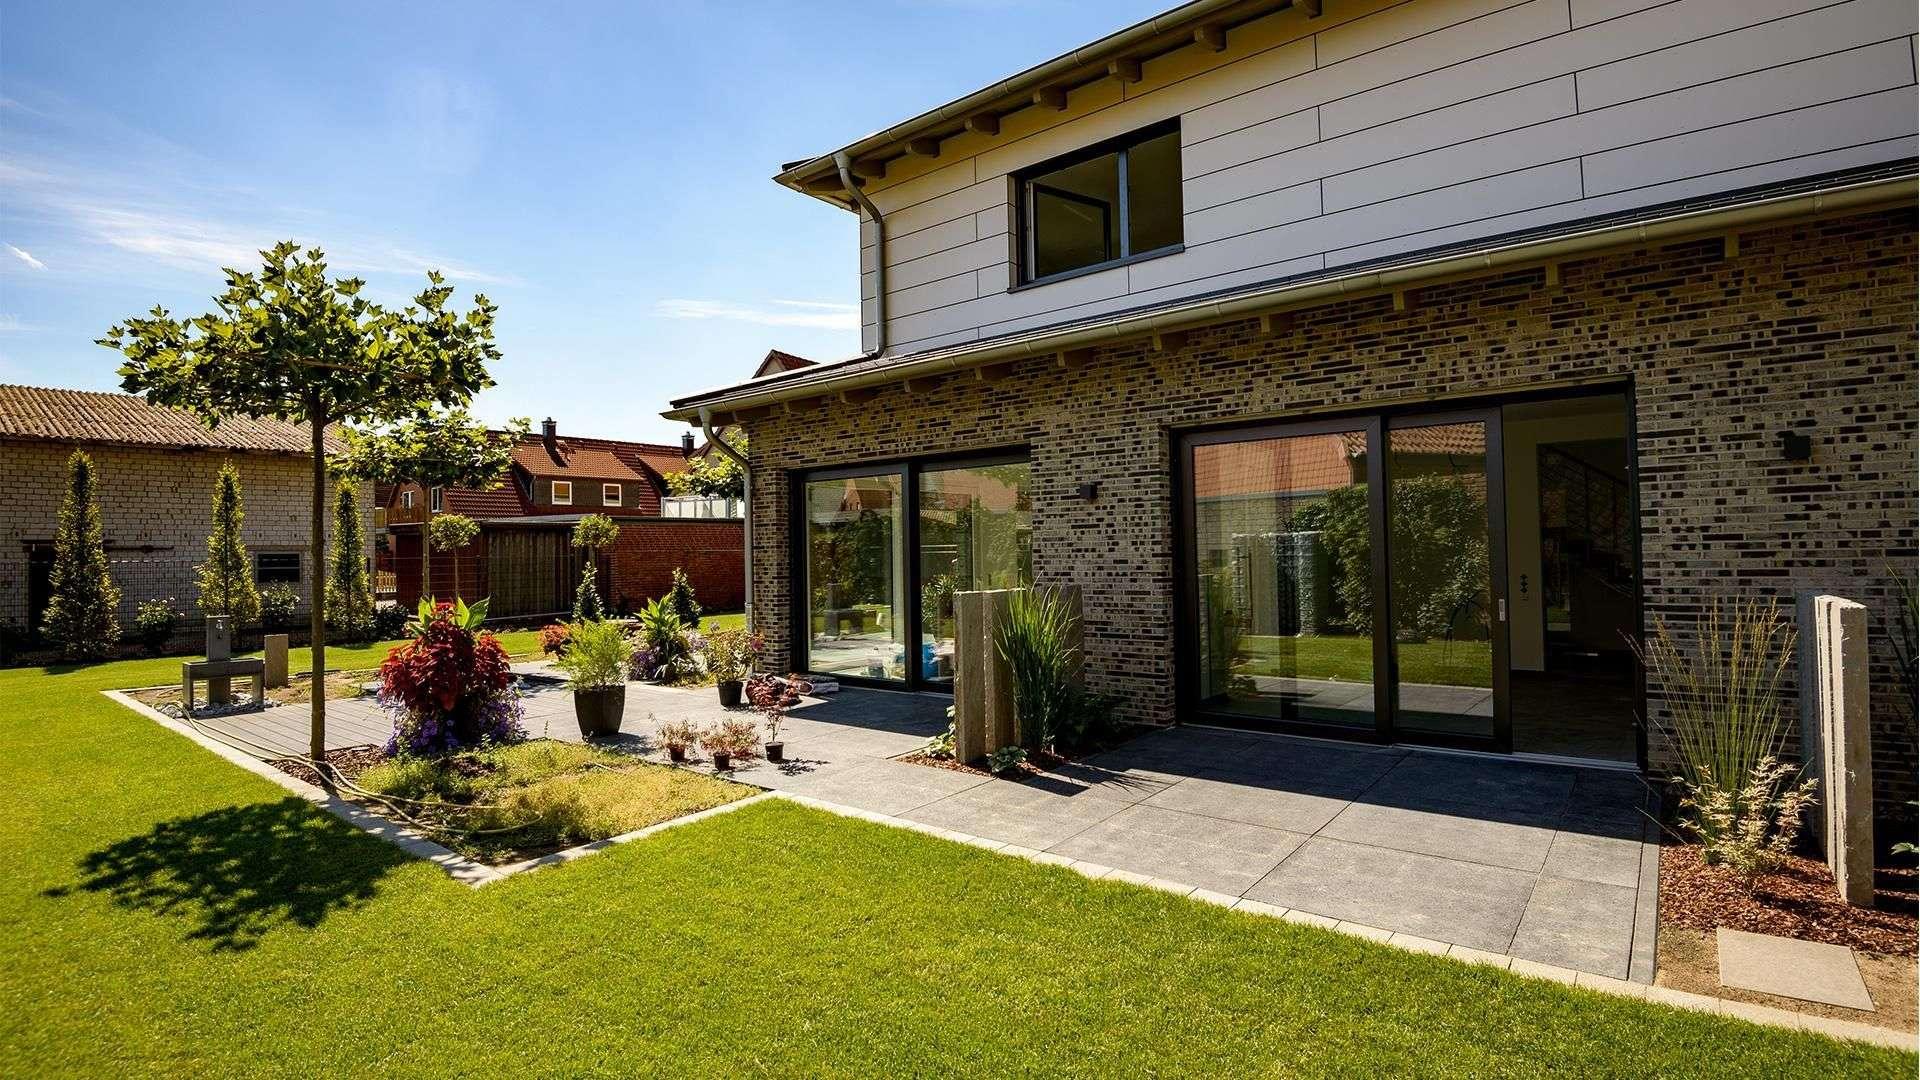 großes Wohnhaus mit bodentiefen Fenstern und großer Terrasse